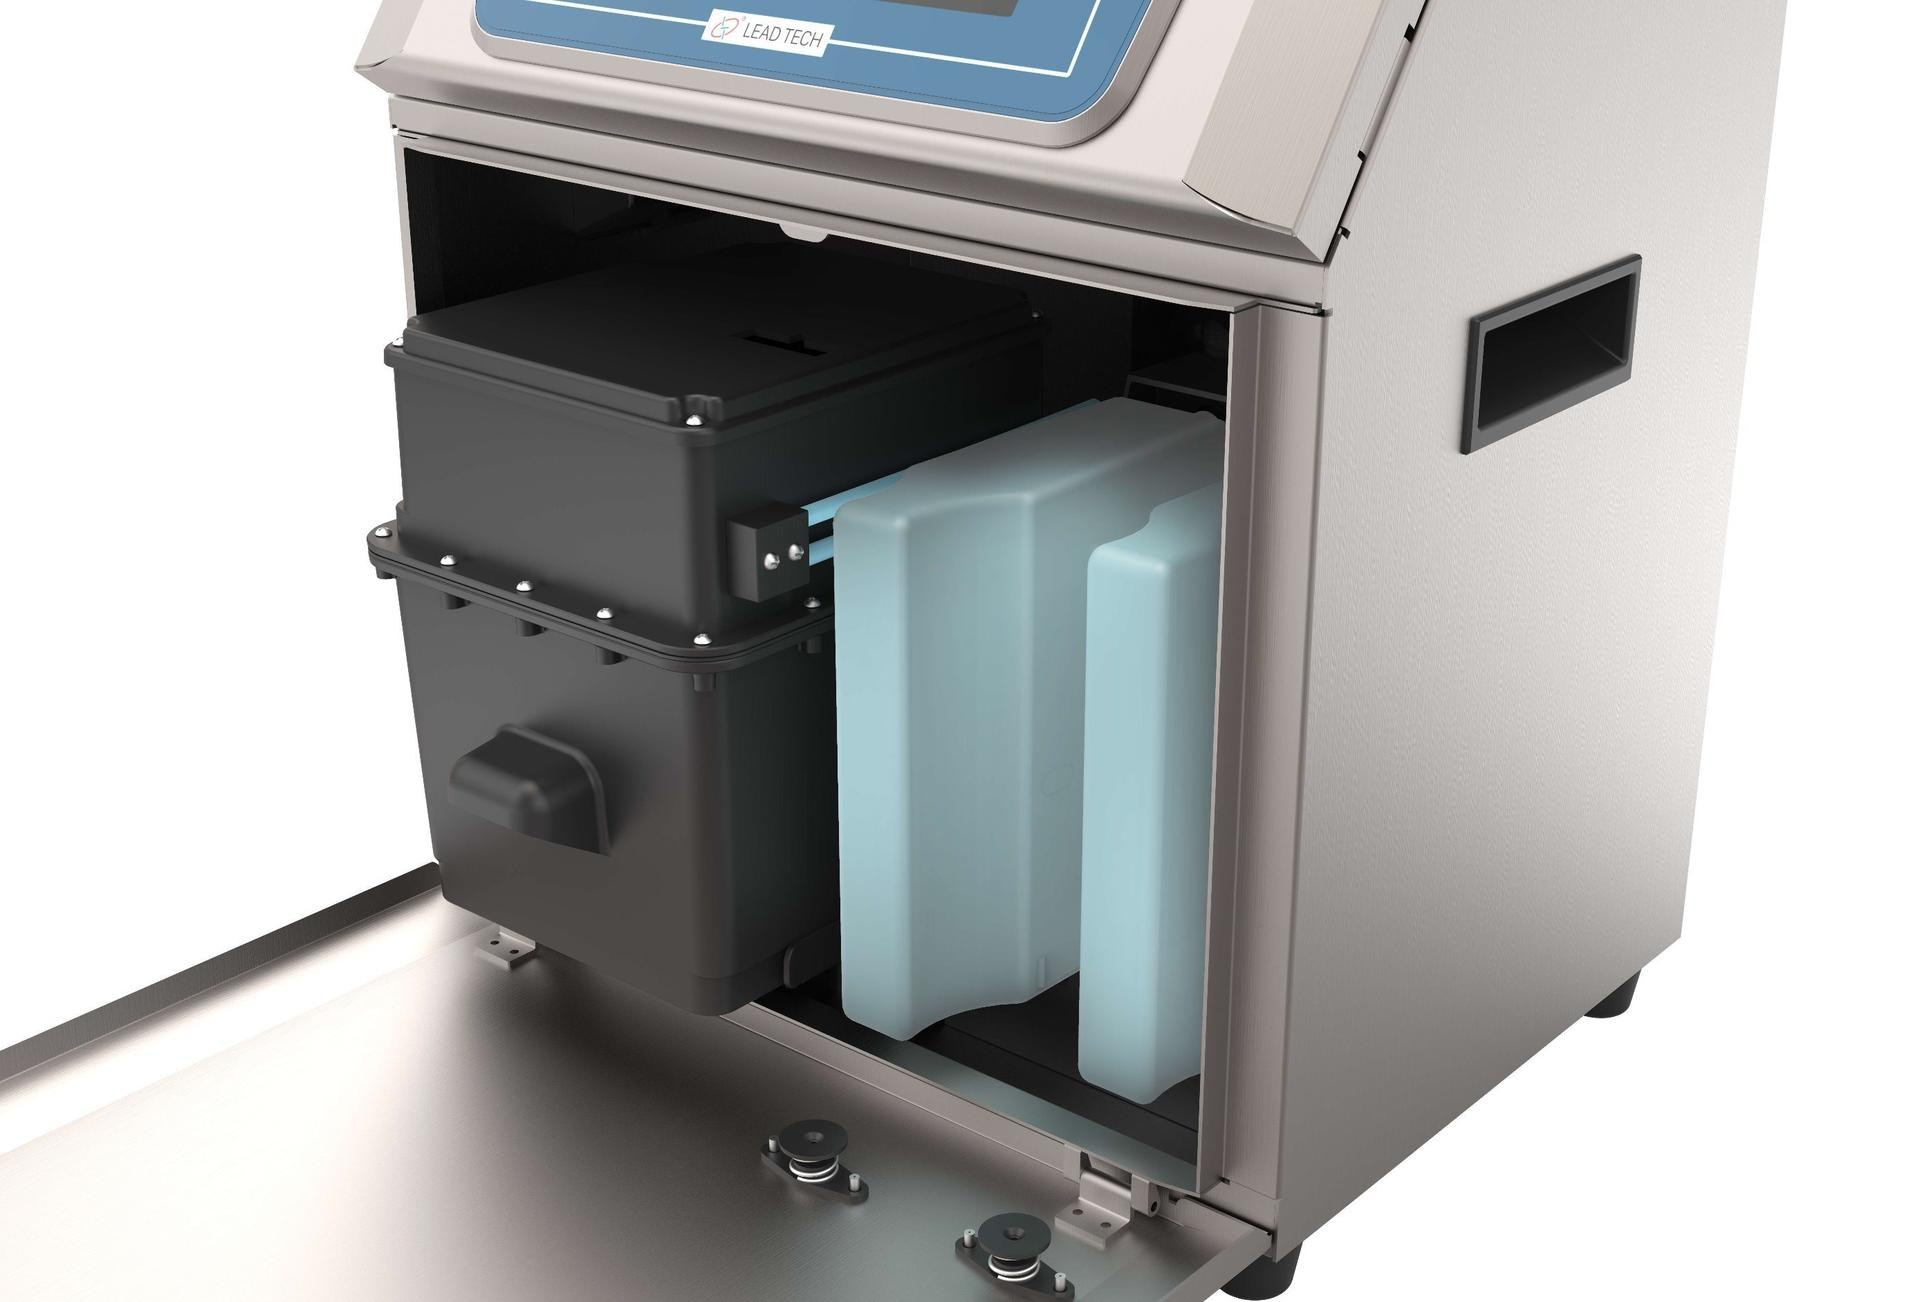 Lead Tech Egg Coding Cij Inkjet Printer Lt800